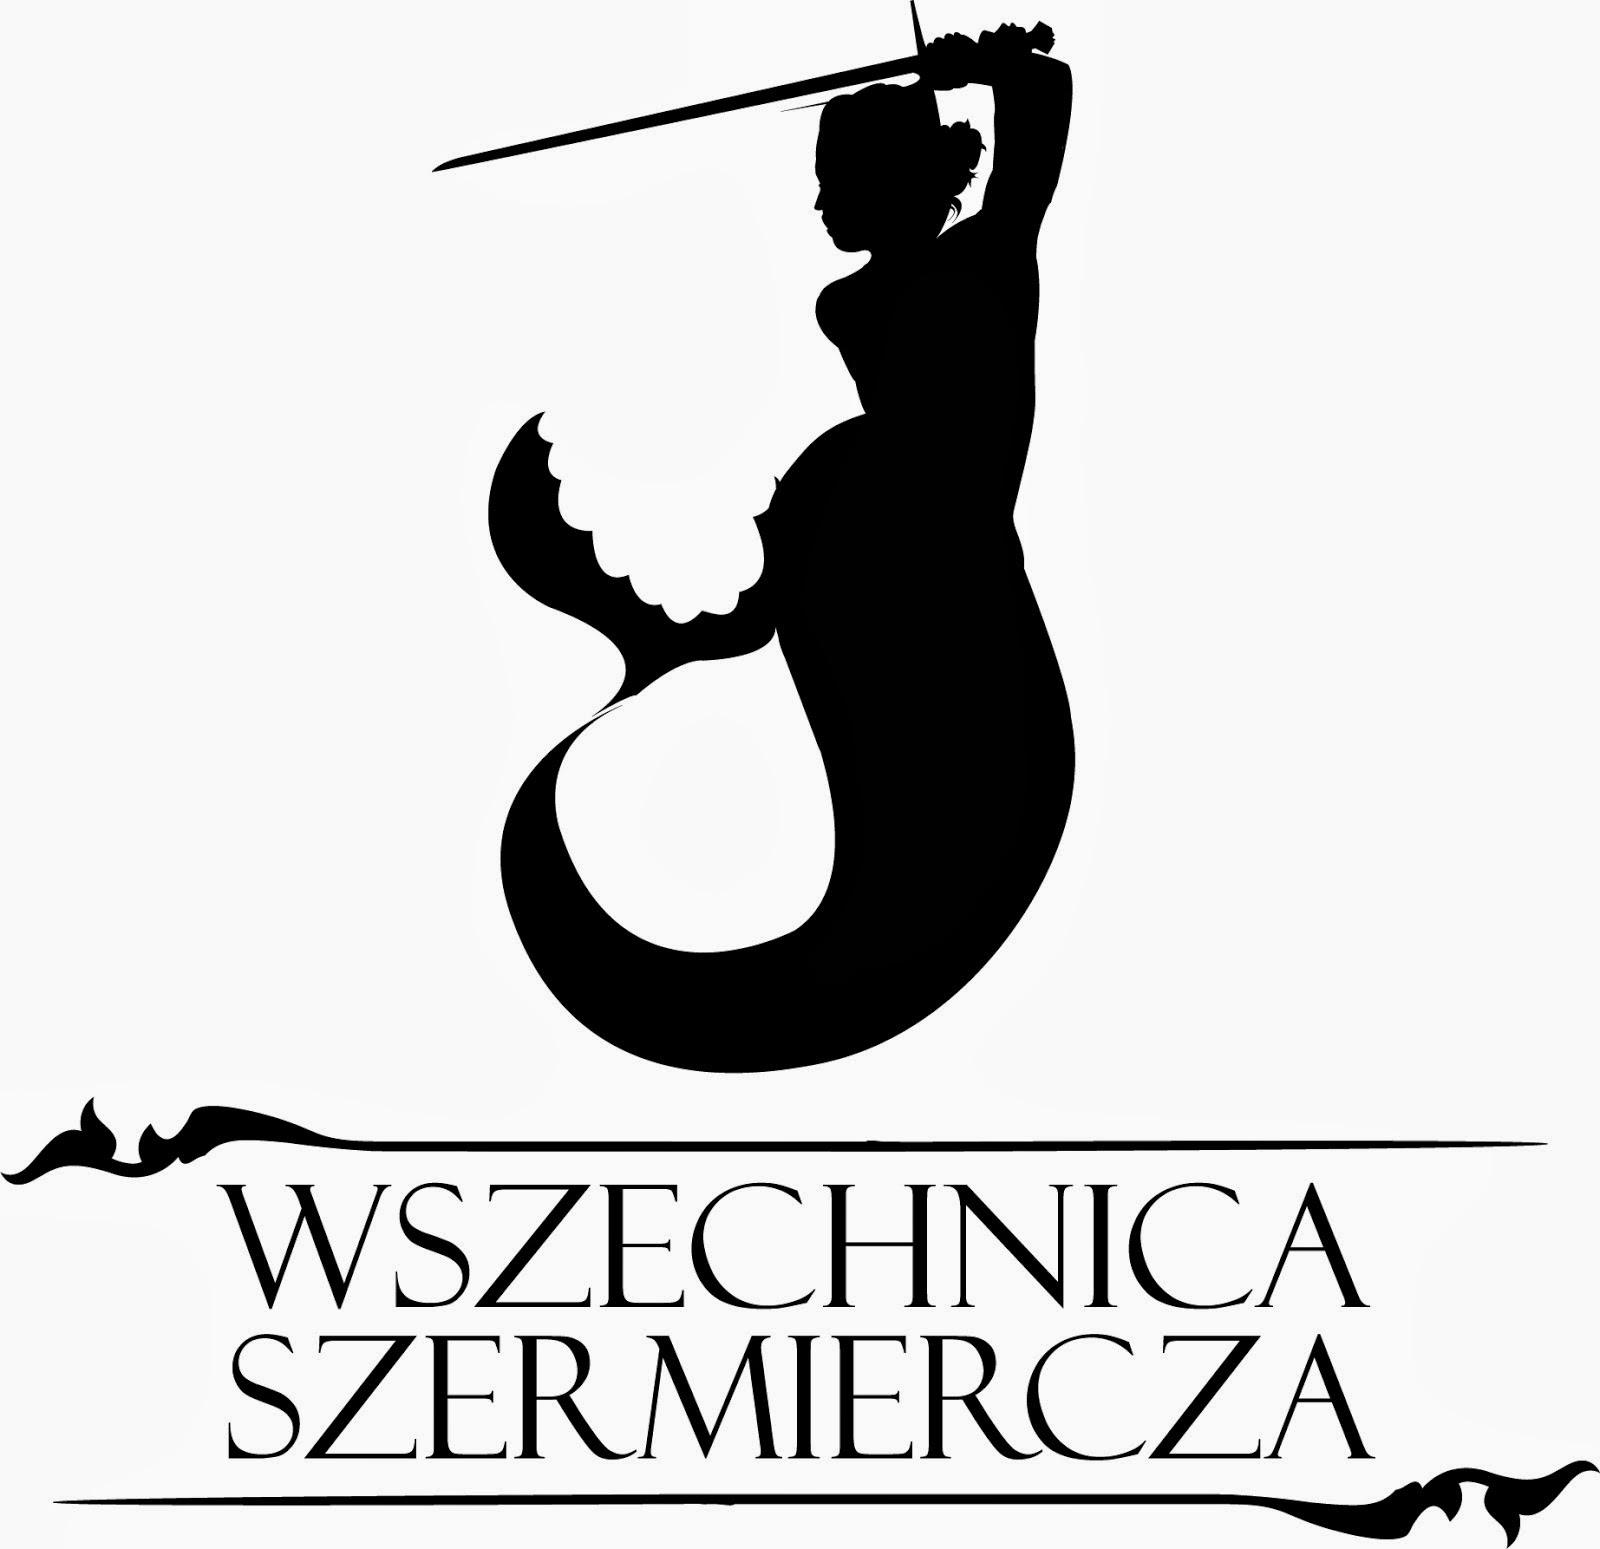 Wszechnica Szermiercza